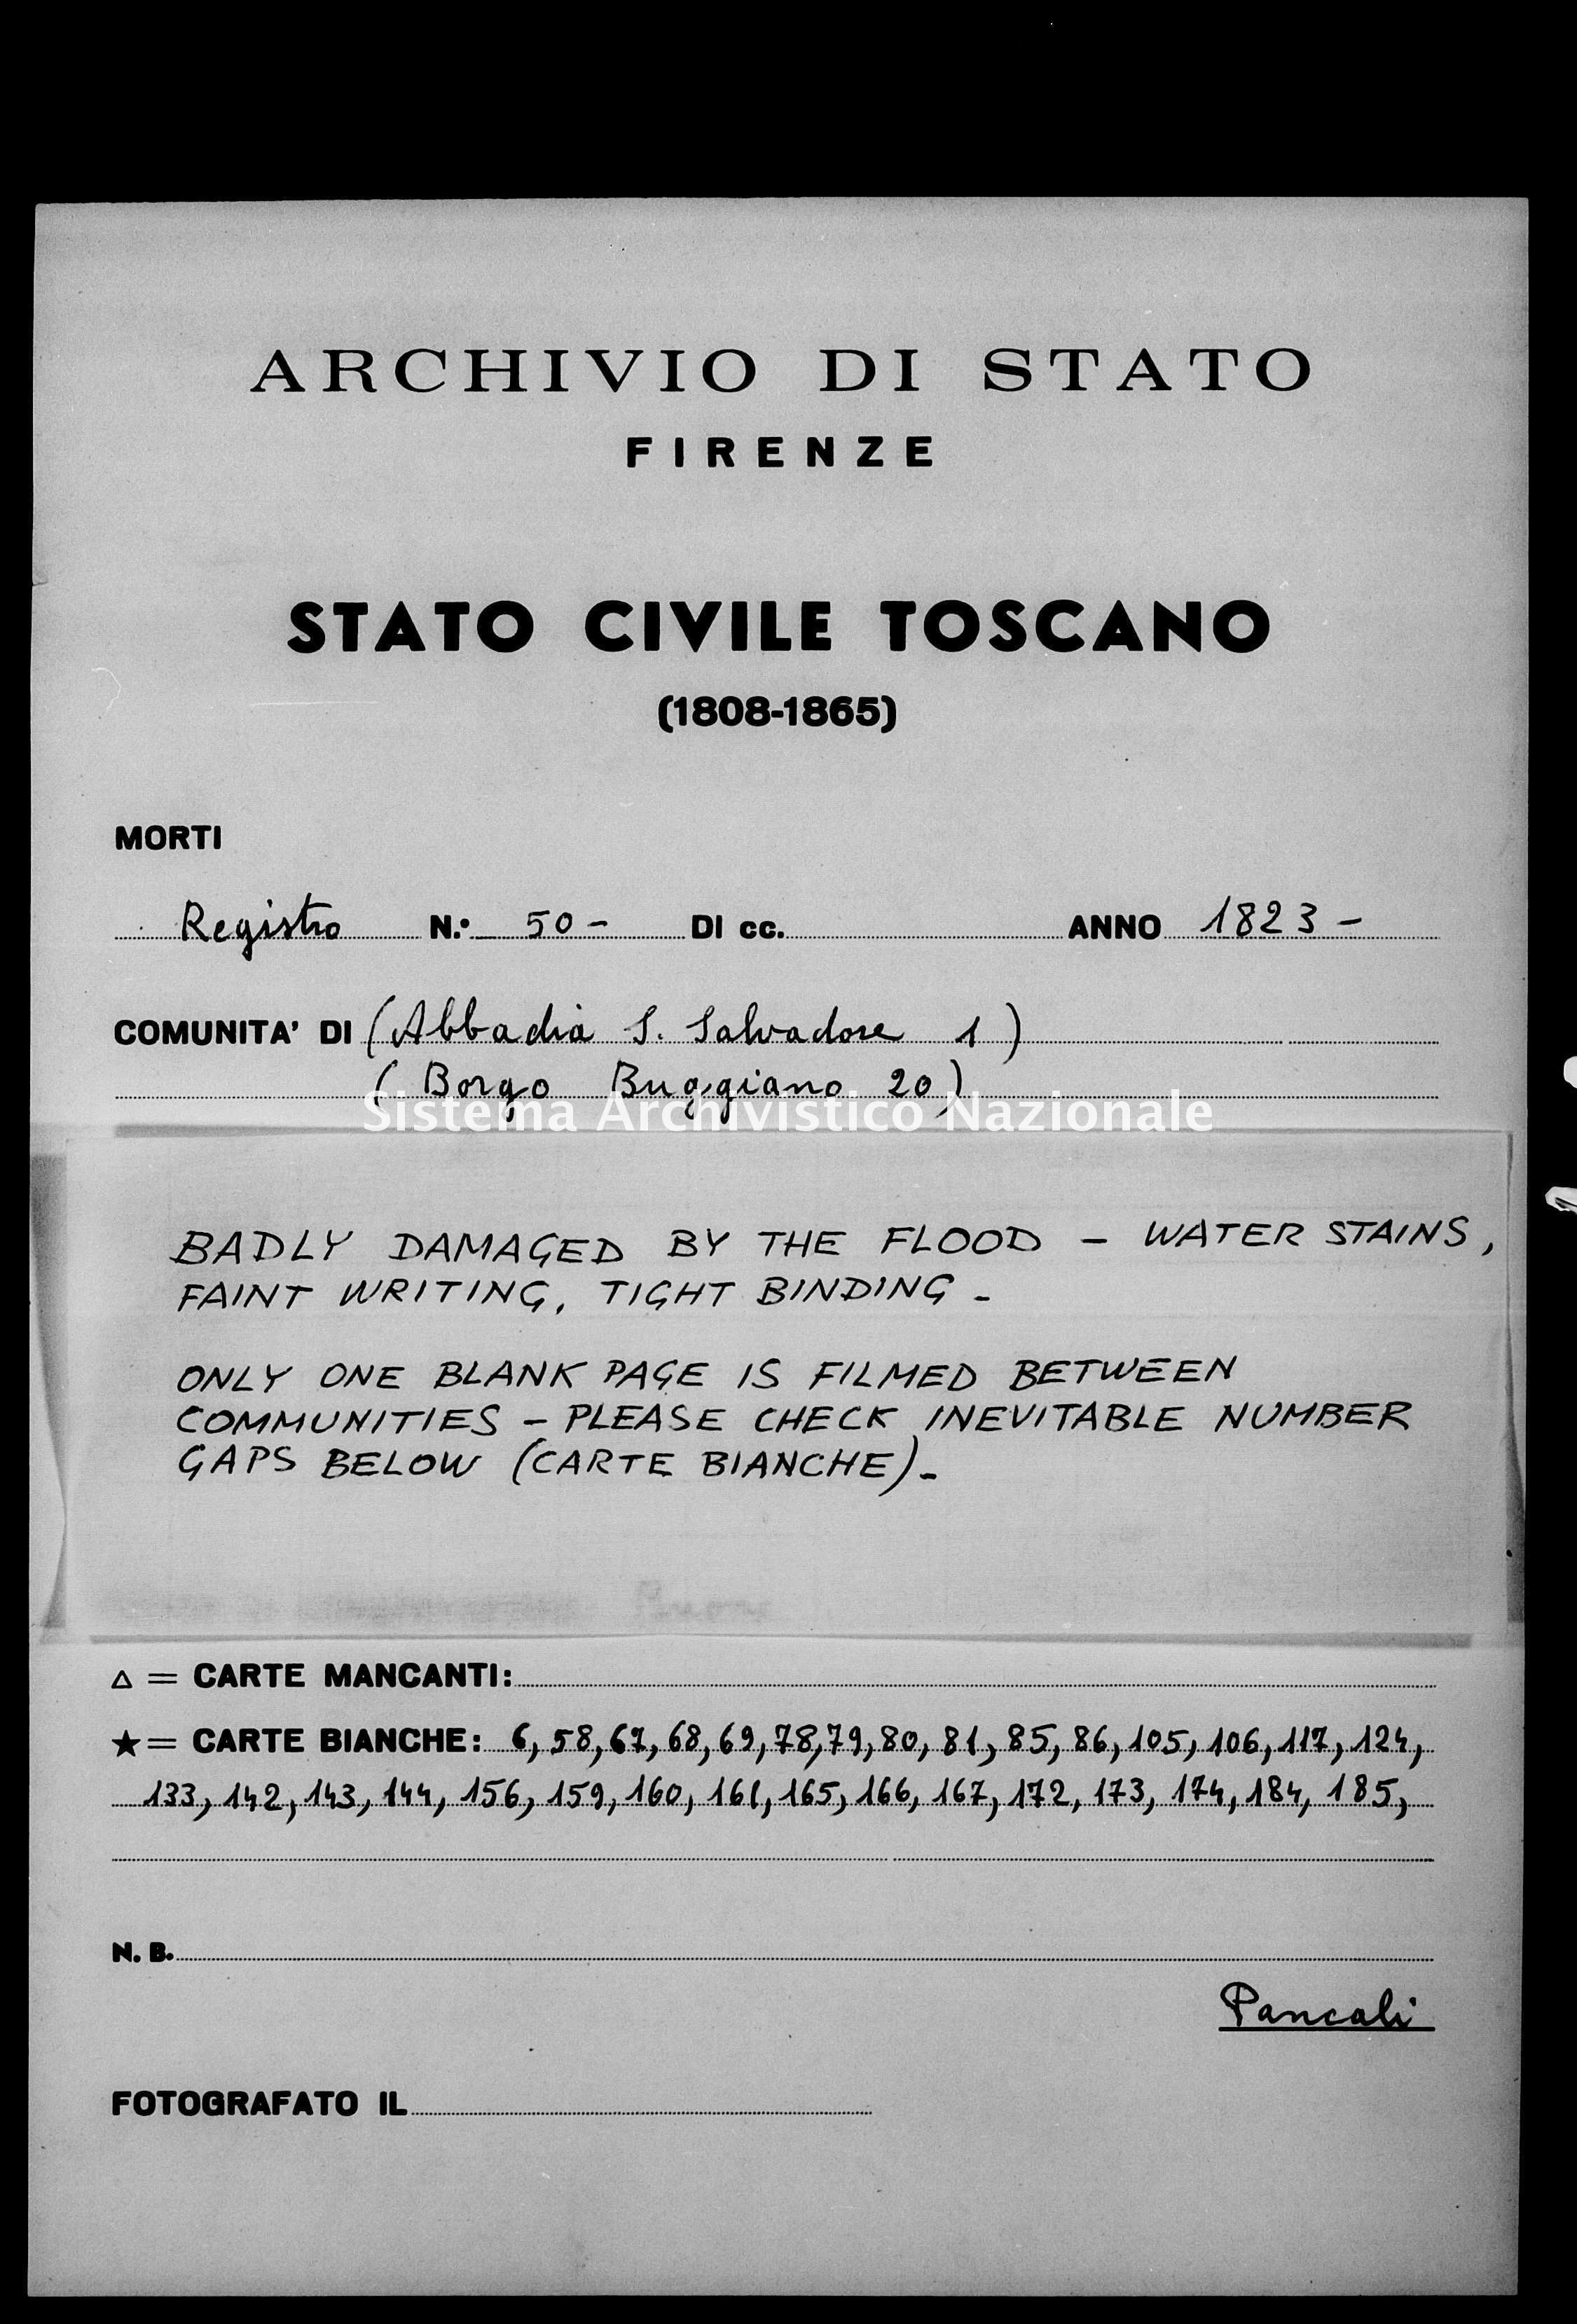 Archivio di stato di Firenze - Stato civile della restaurazione - Abbadia San Salvatore - Morti - 1823 - 50 -